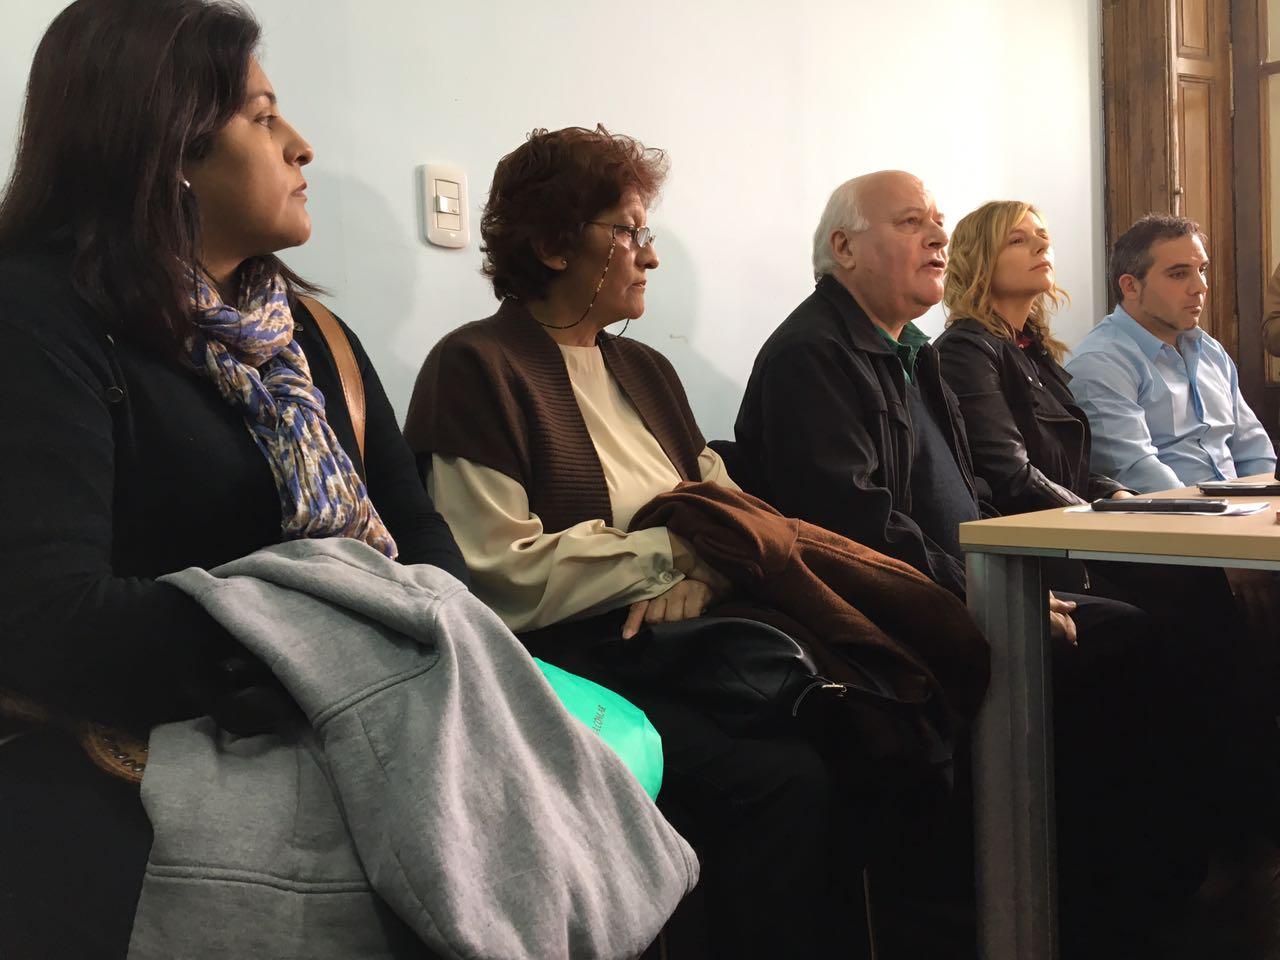 Los ediles platenses le exigen a Garro que informe sobre la golpiza que sufriera Matías Ferioli en el Bar Media Pinta